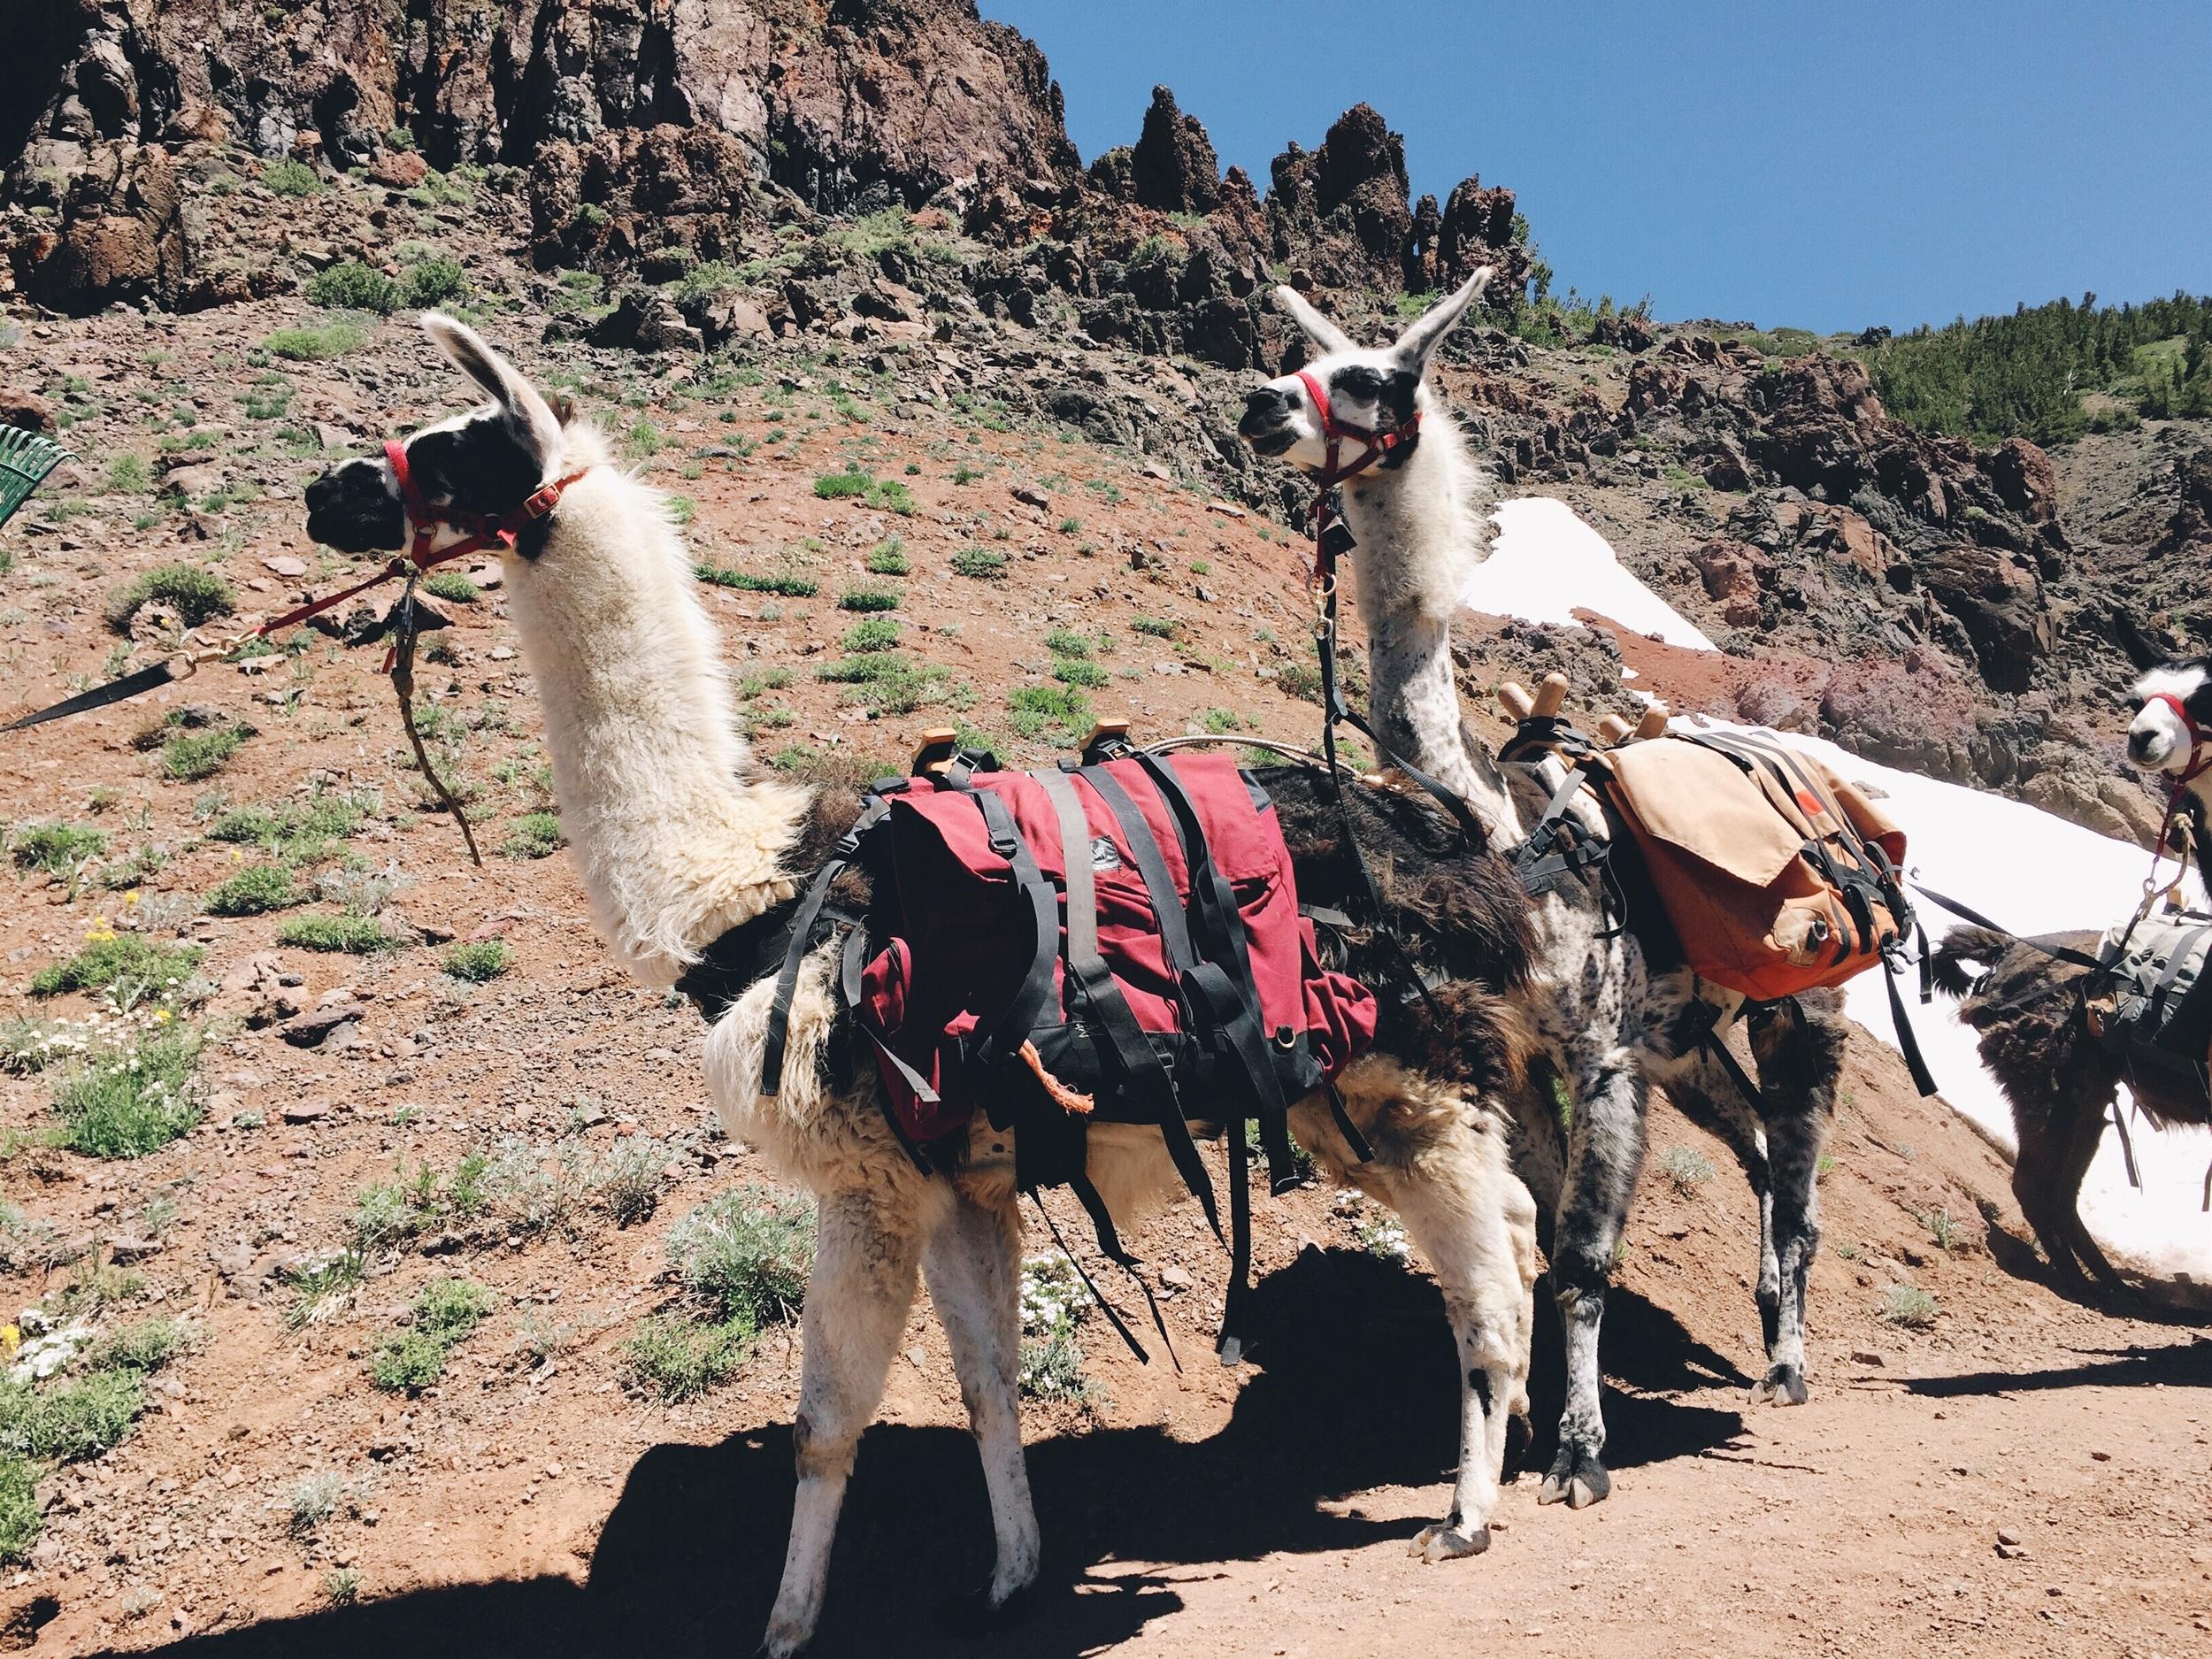 These llamas!